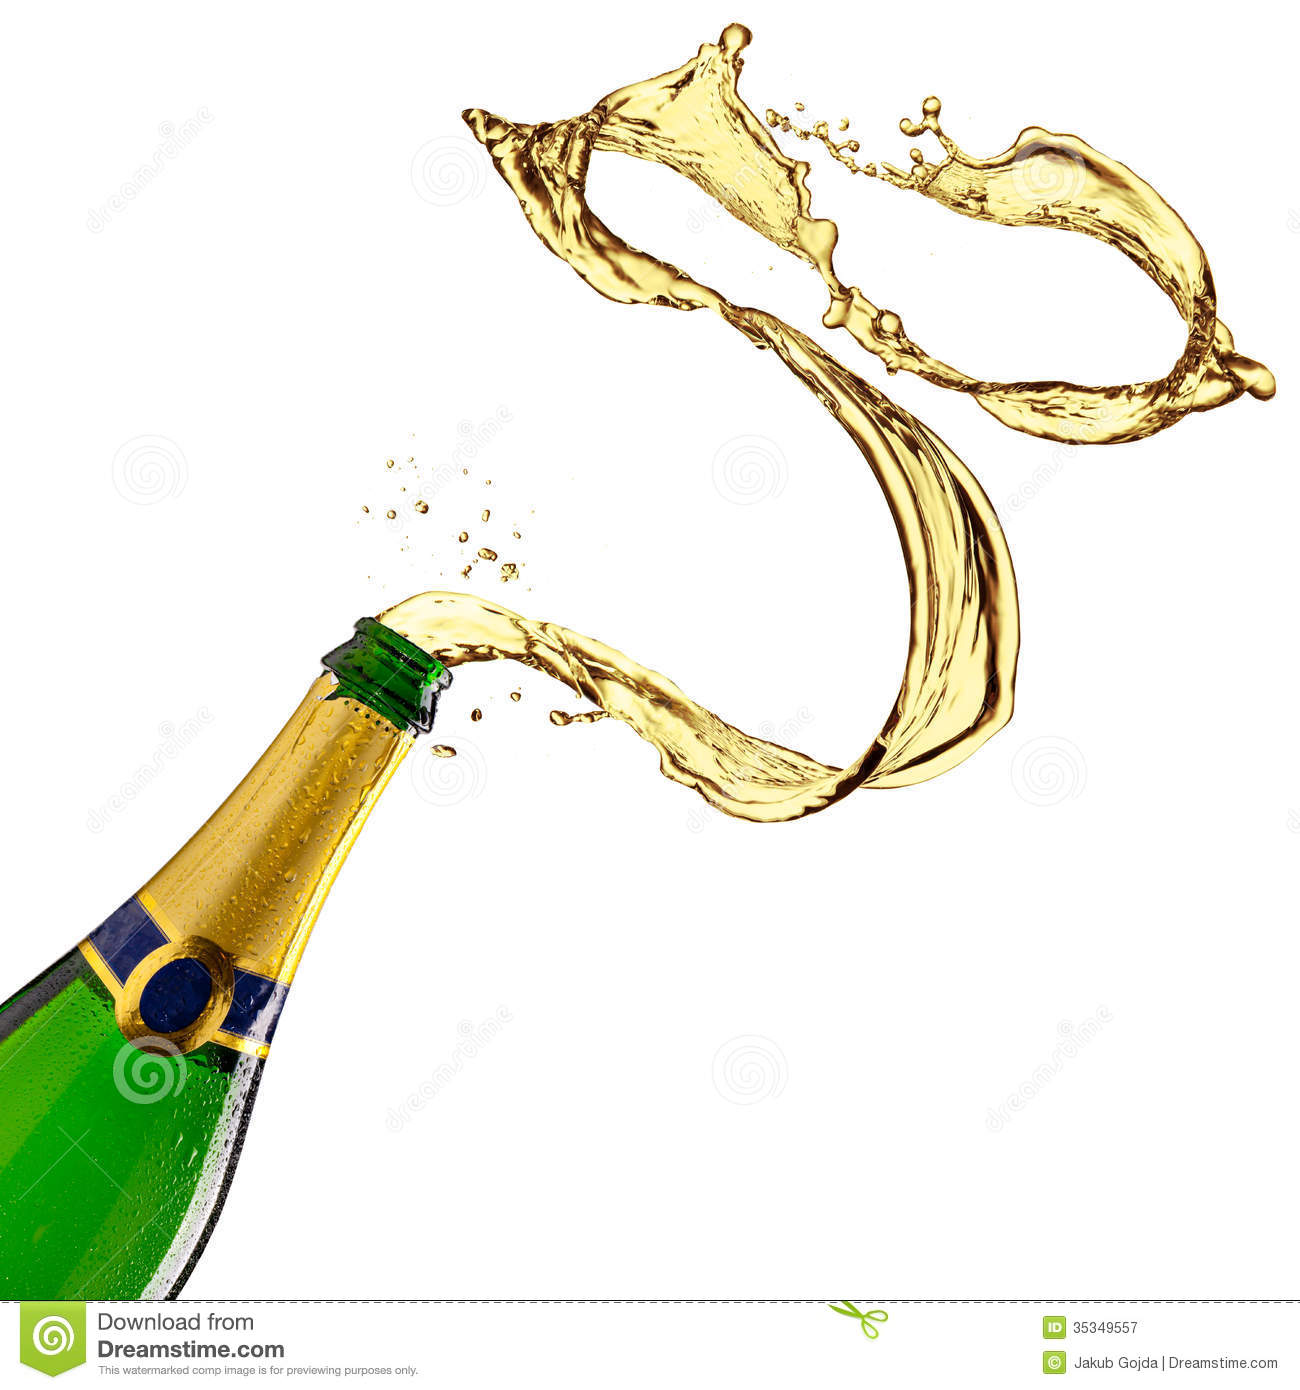 Champagne splash stock image. Image of explosion, celebration.